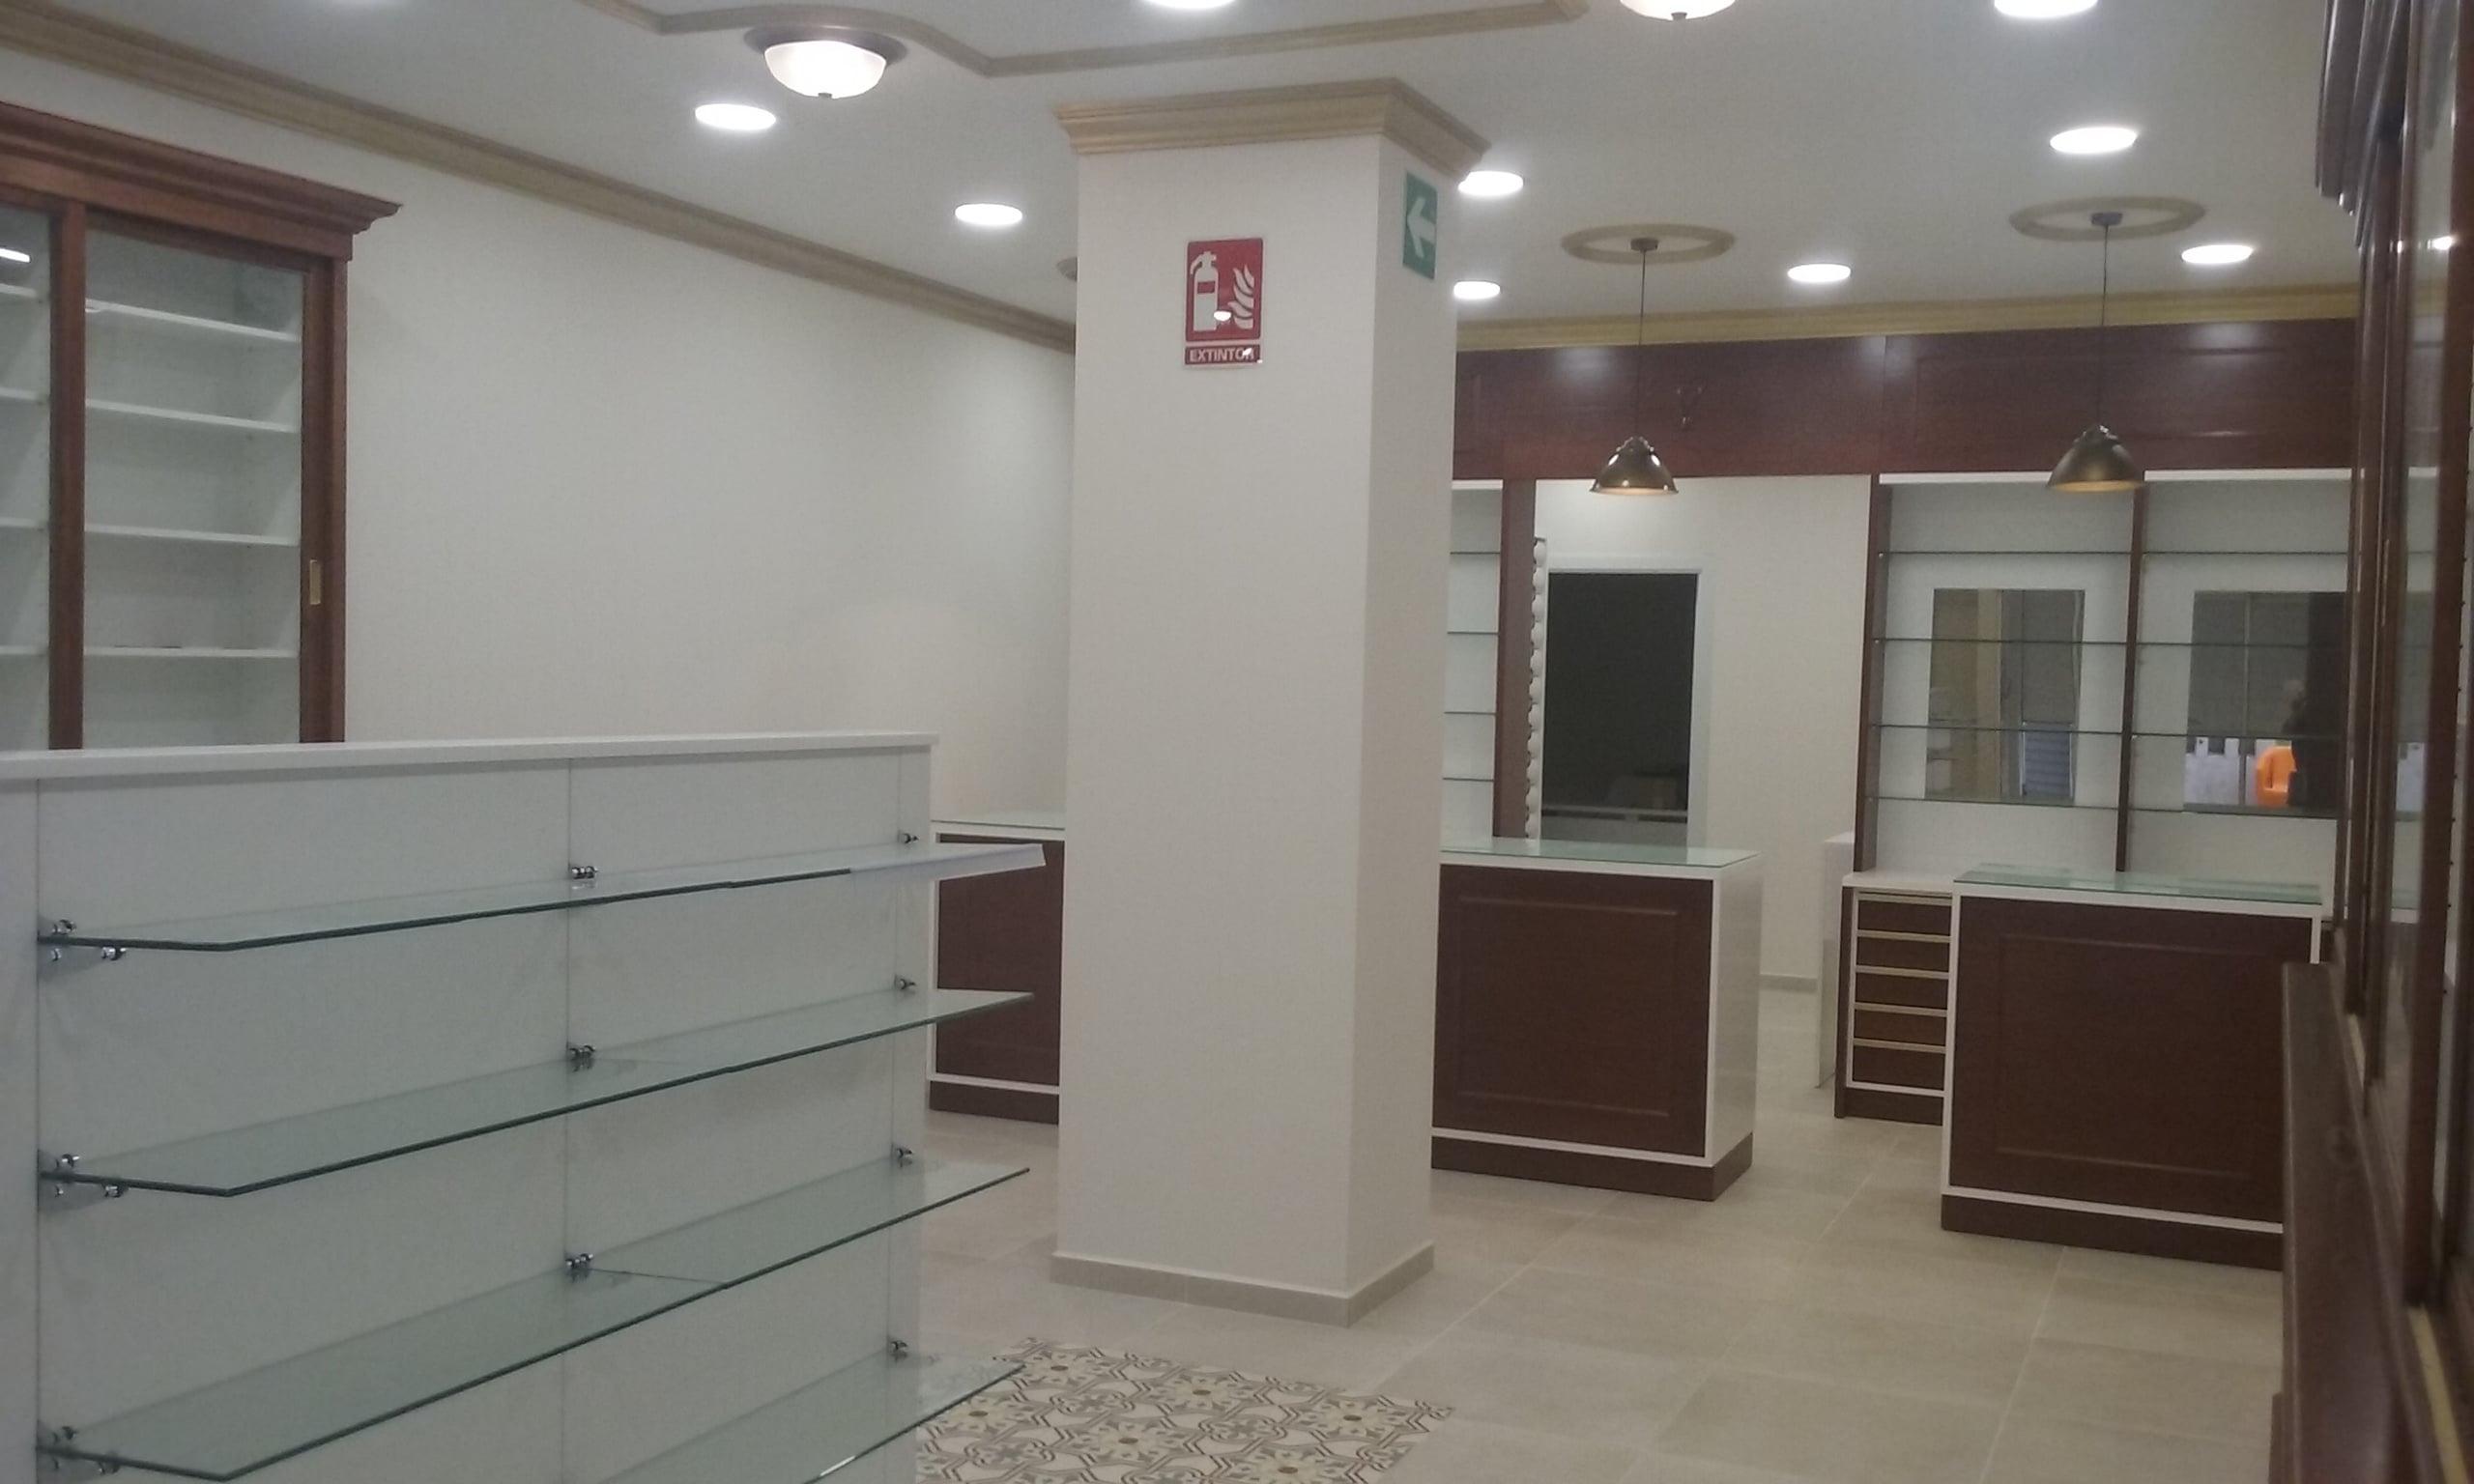 Decoratessen interiores escayola pladur perlita - Diseno interiores sevilla ...